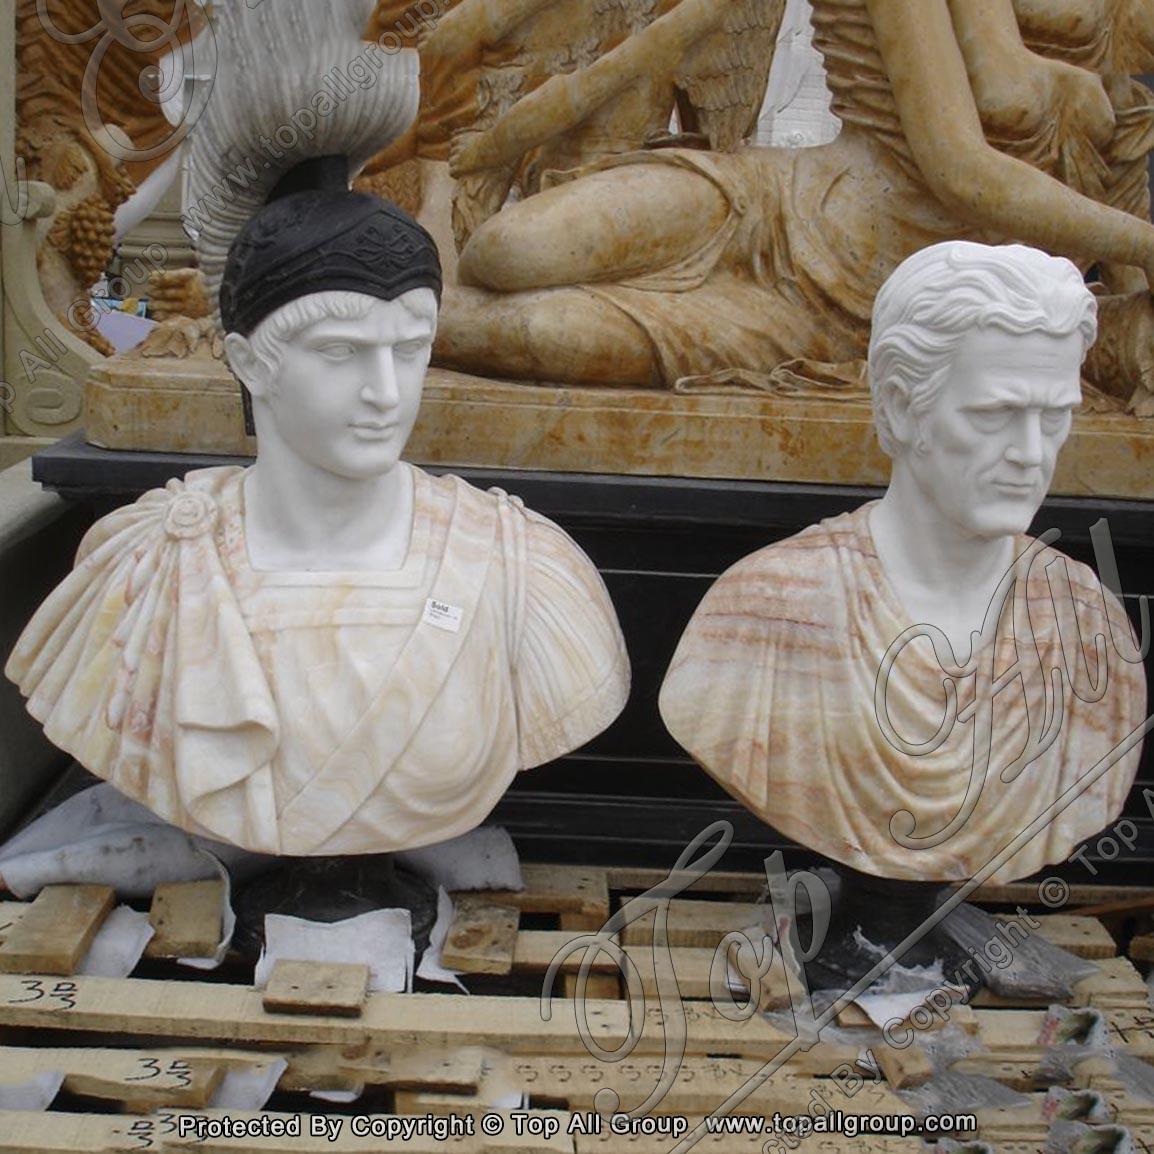 European figure famous marble bust sculpture